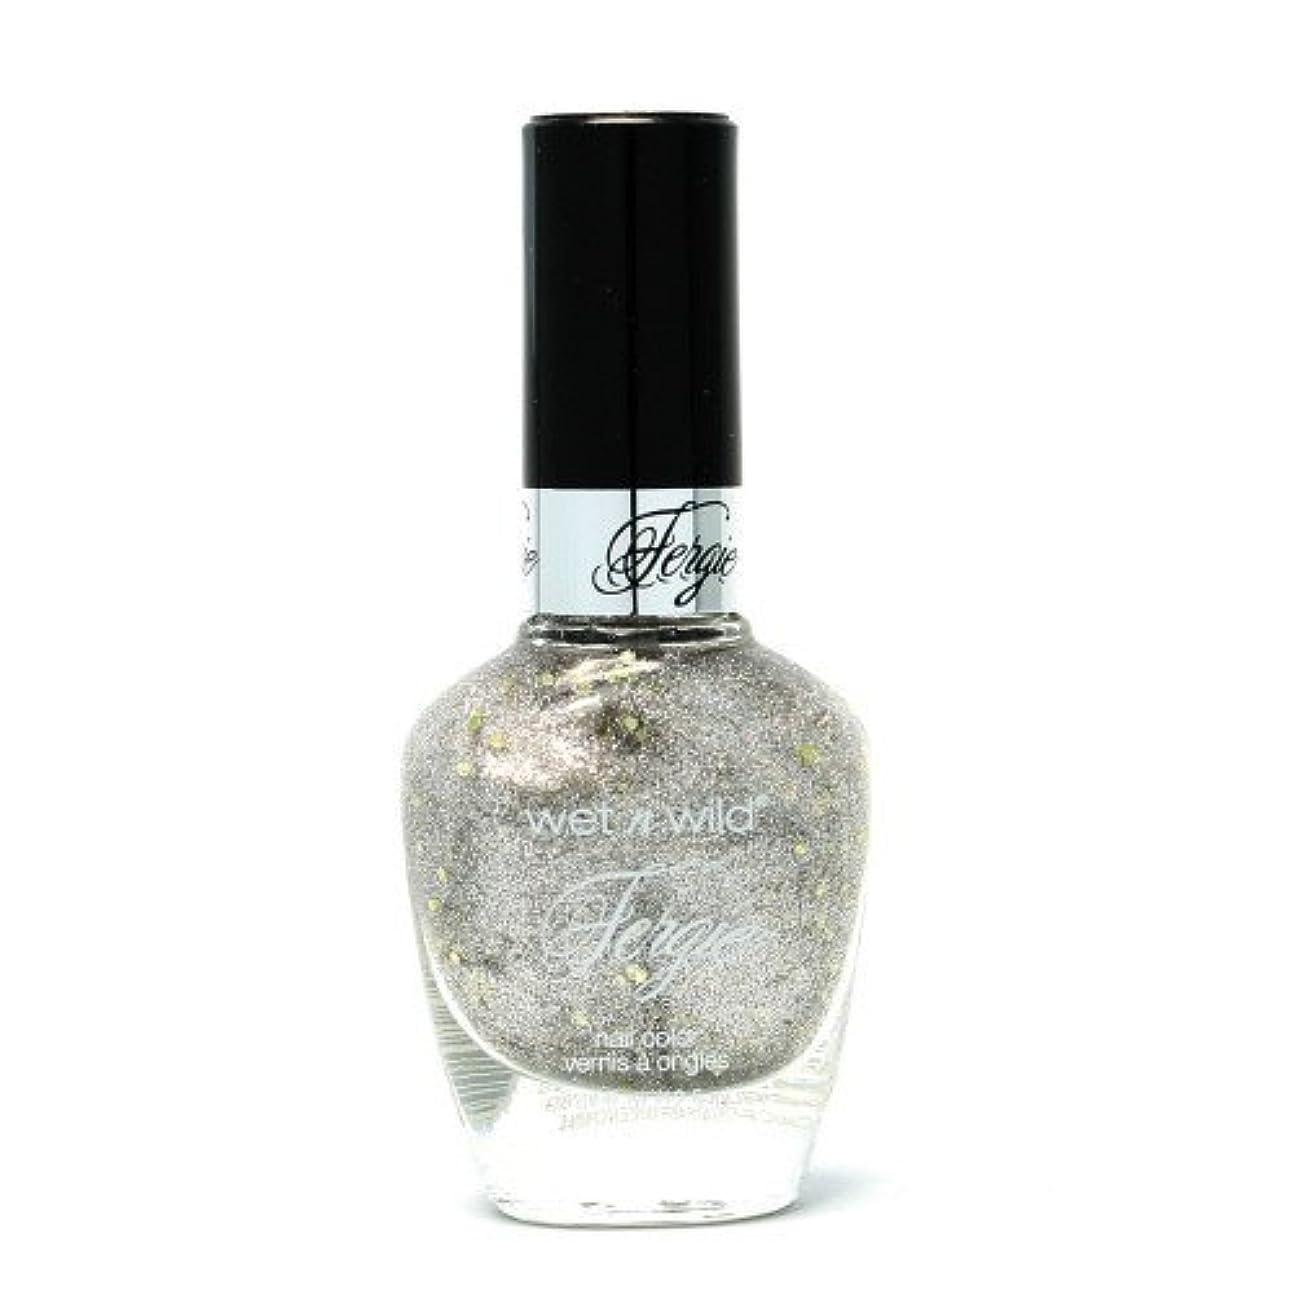 スリンクフェッチ悪意のある(3 Pack) WET N WILD Fergie Heavy Metal Nail Polish - Titanium Crush (DC) (並行輸入品)